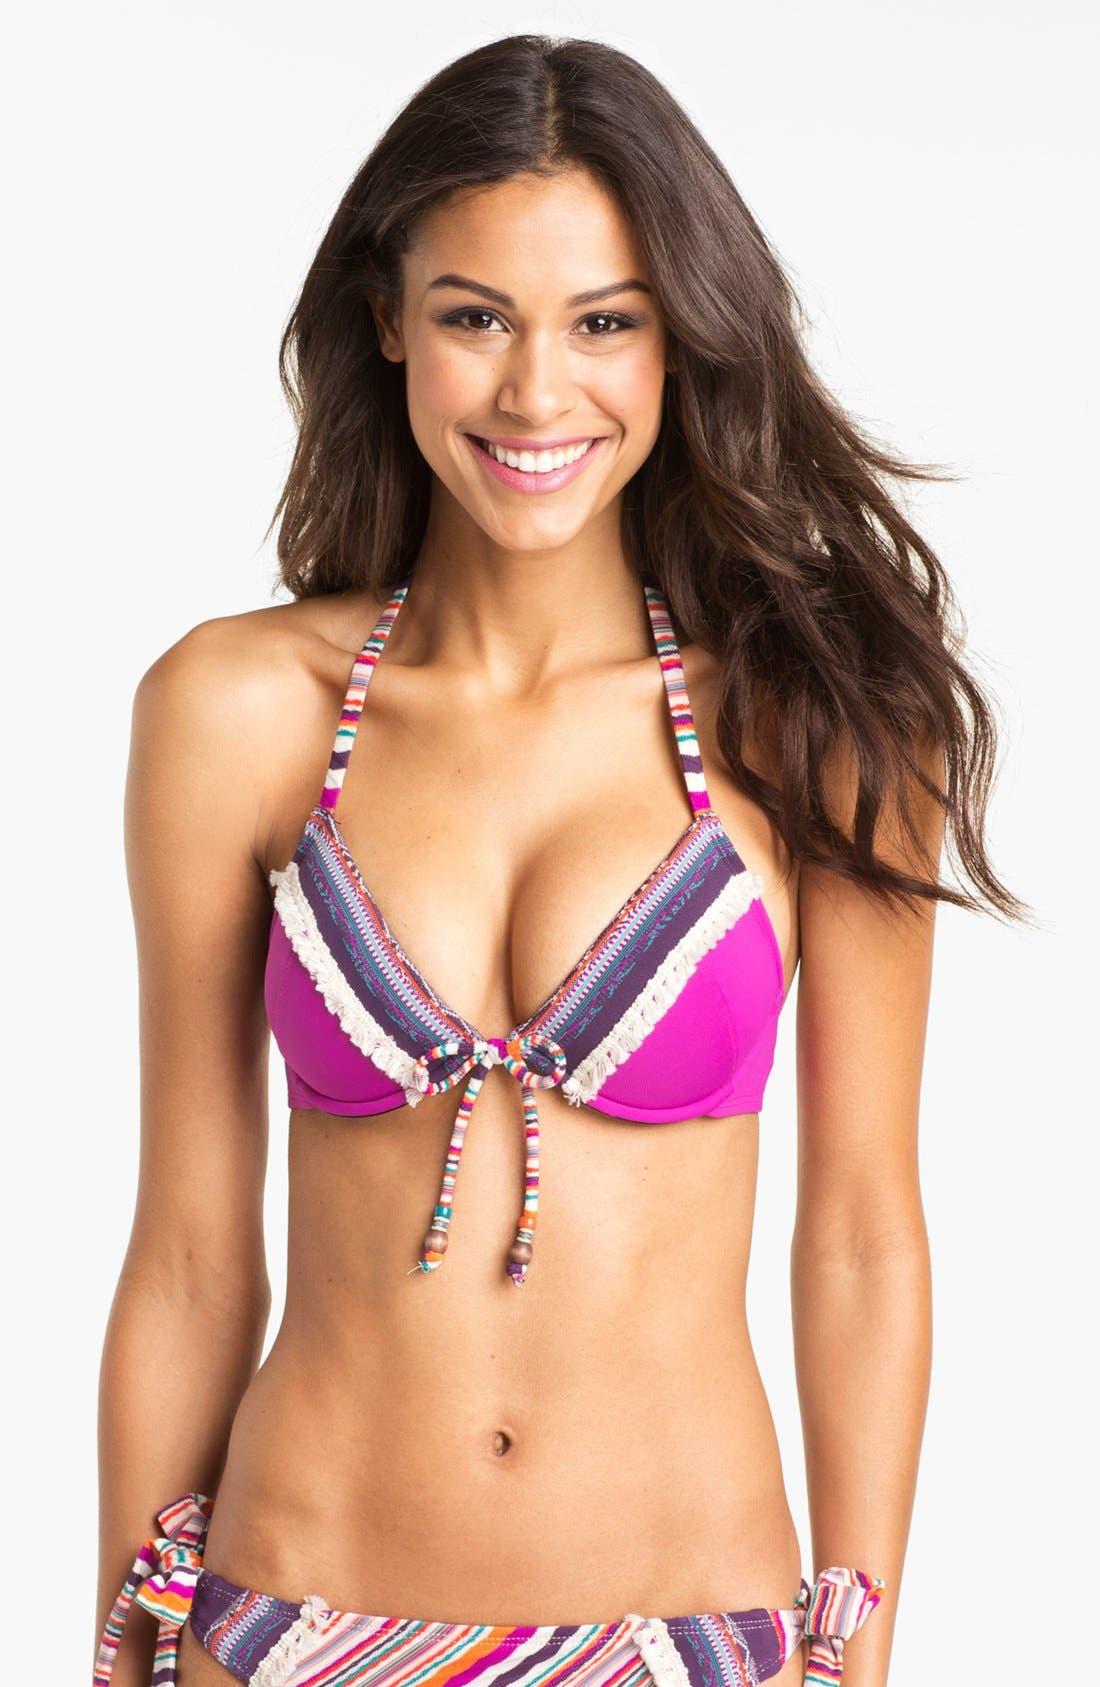 Main Image - Lucky Brand Swimwear 'Mumbai' Underwire Bikini Top